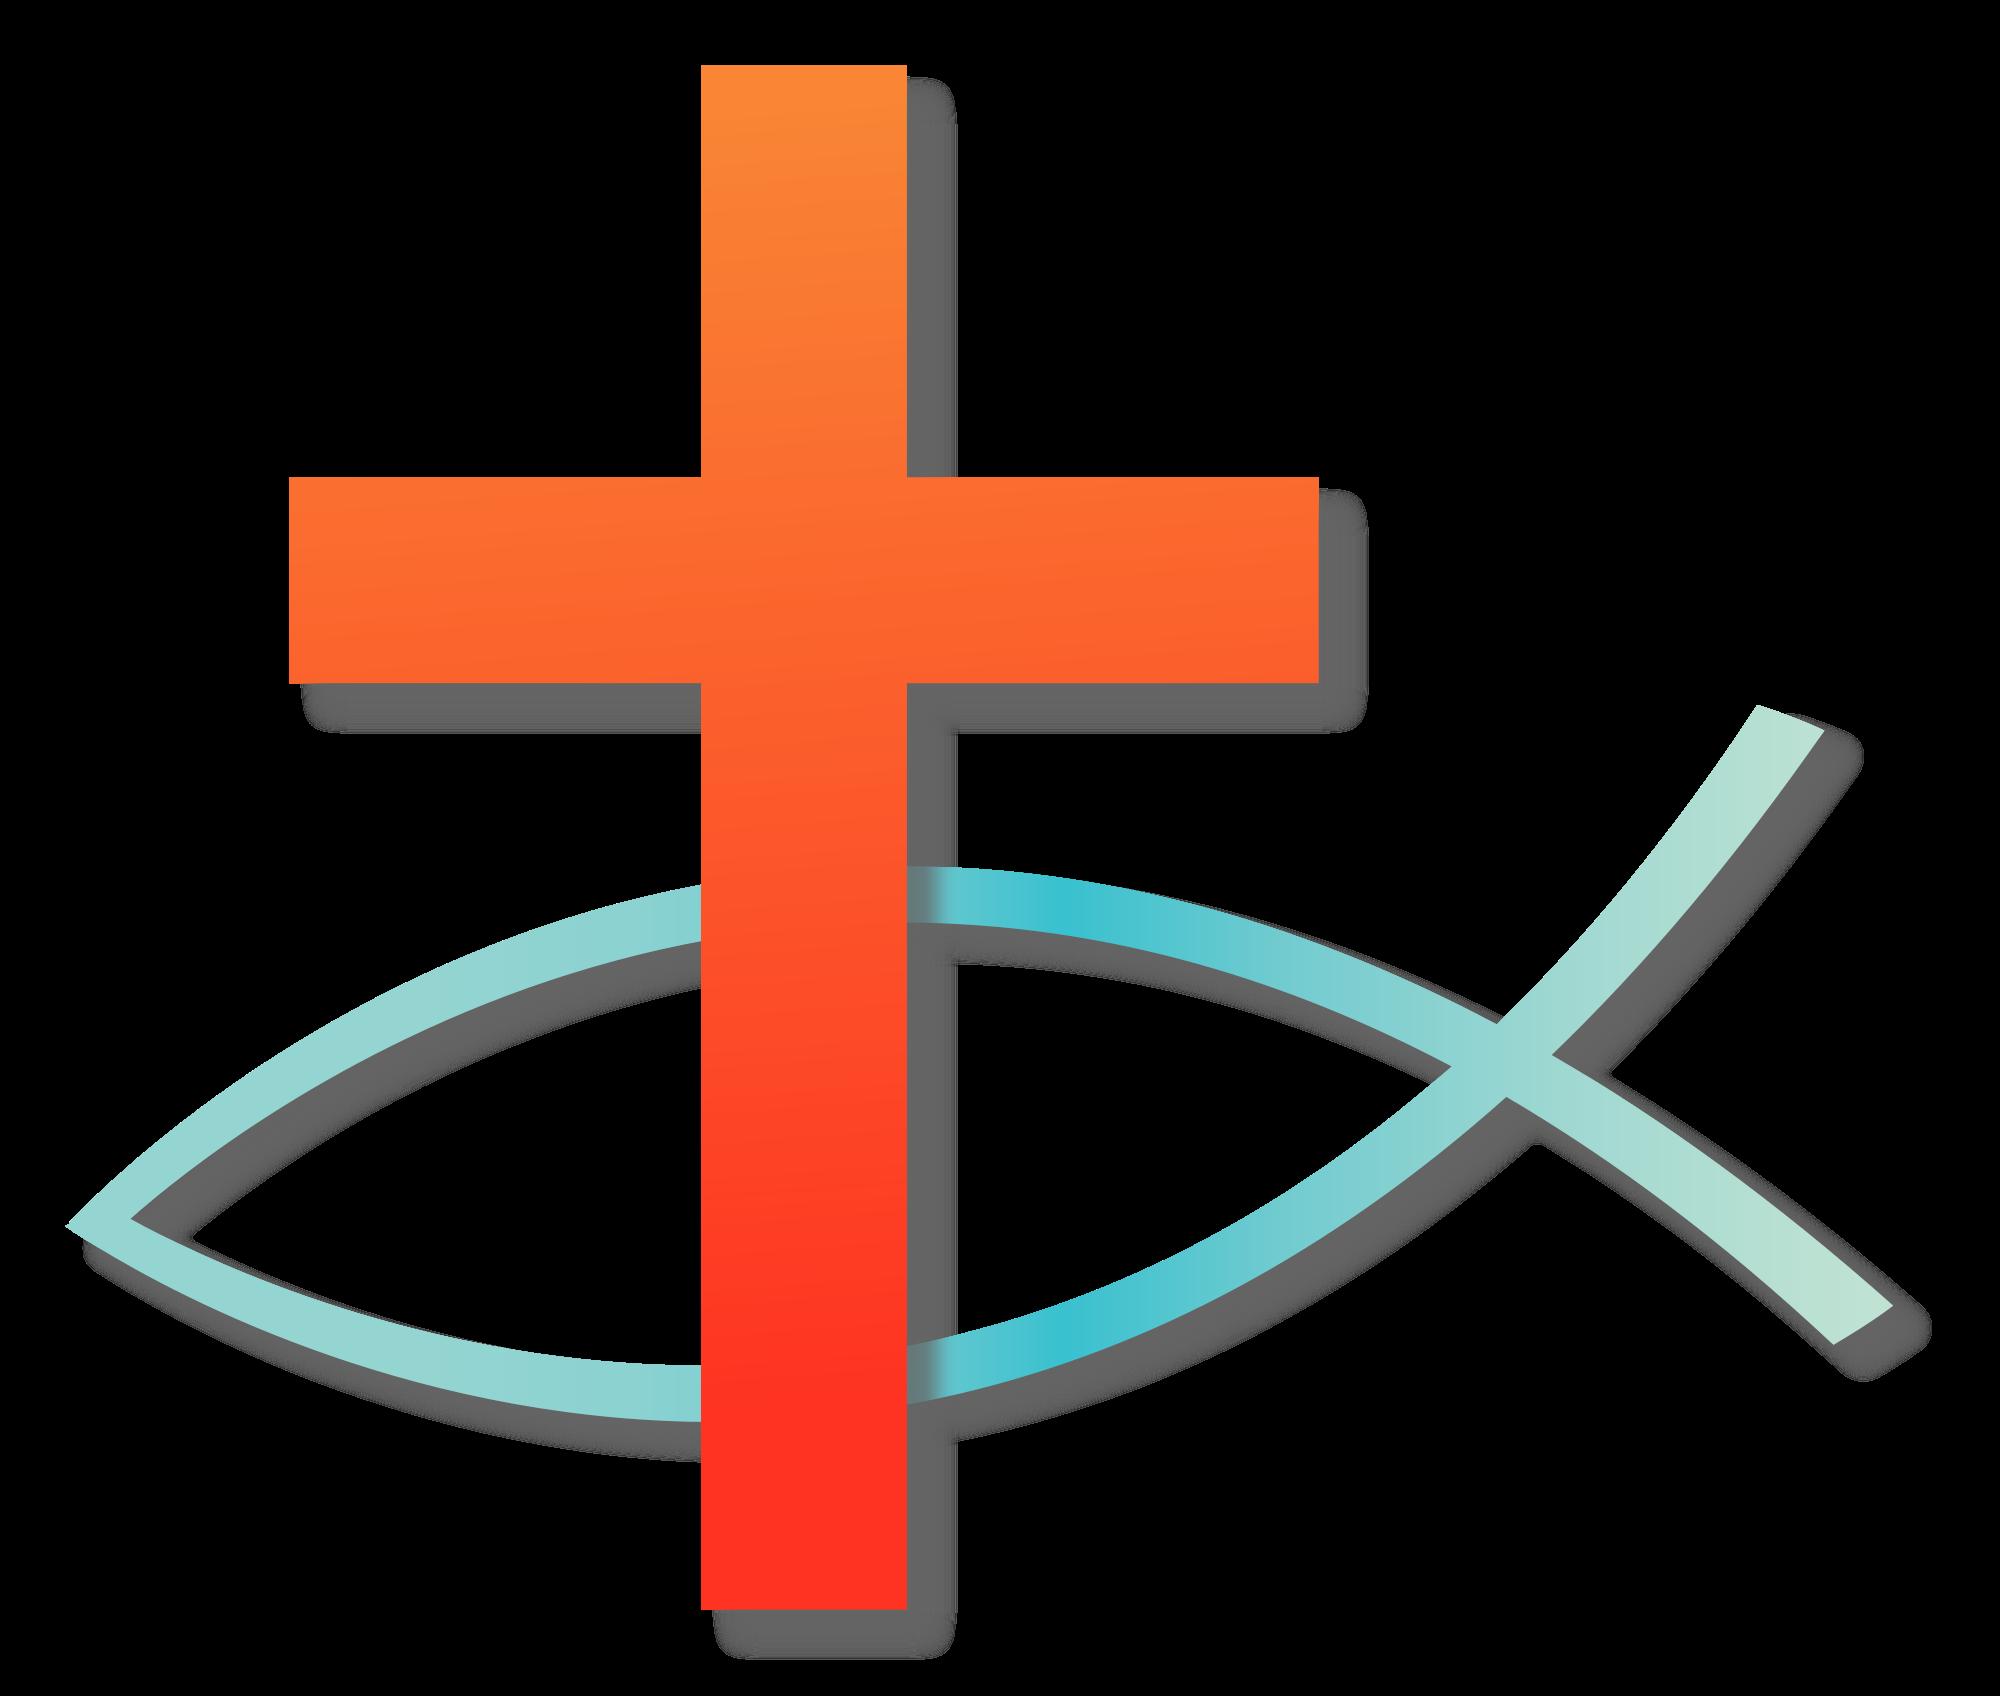 церковь назарянина свет надежды велосипед, поглощающий